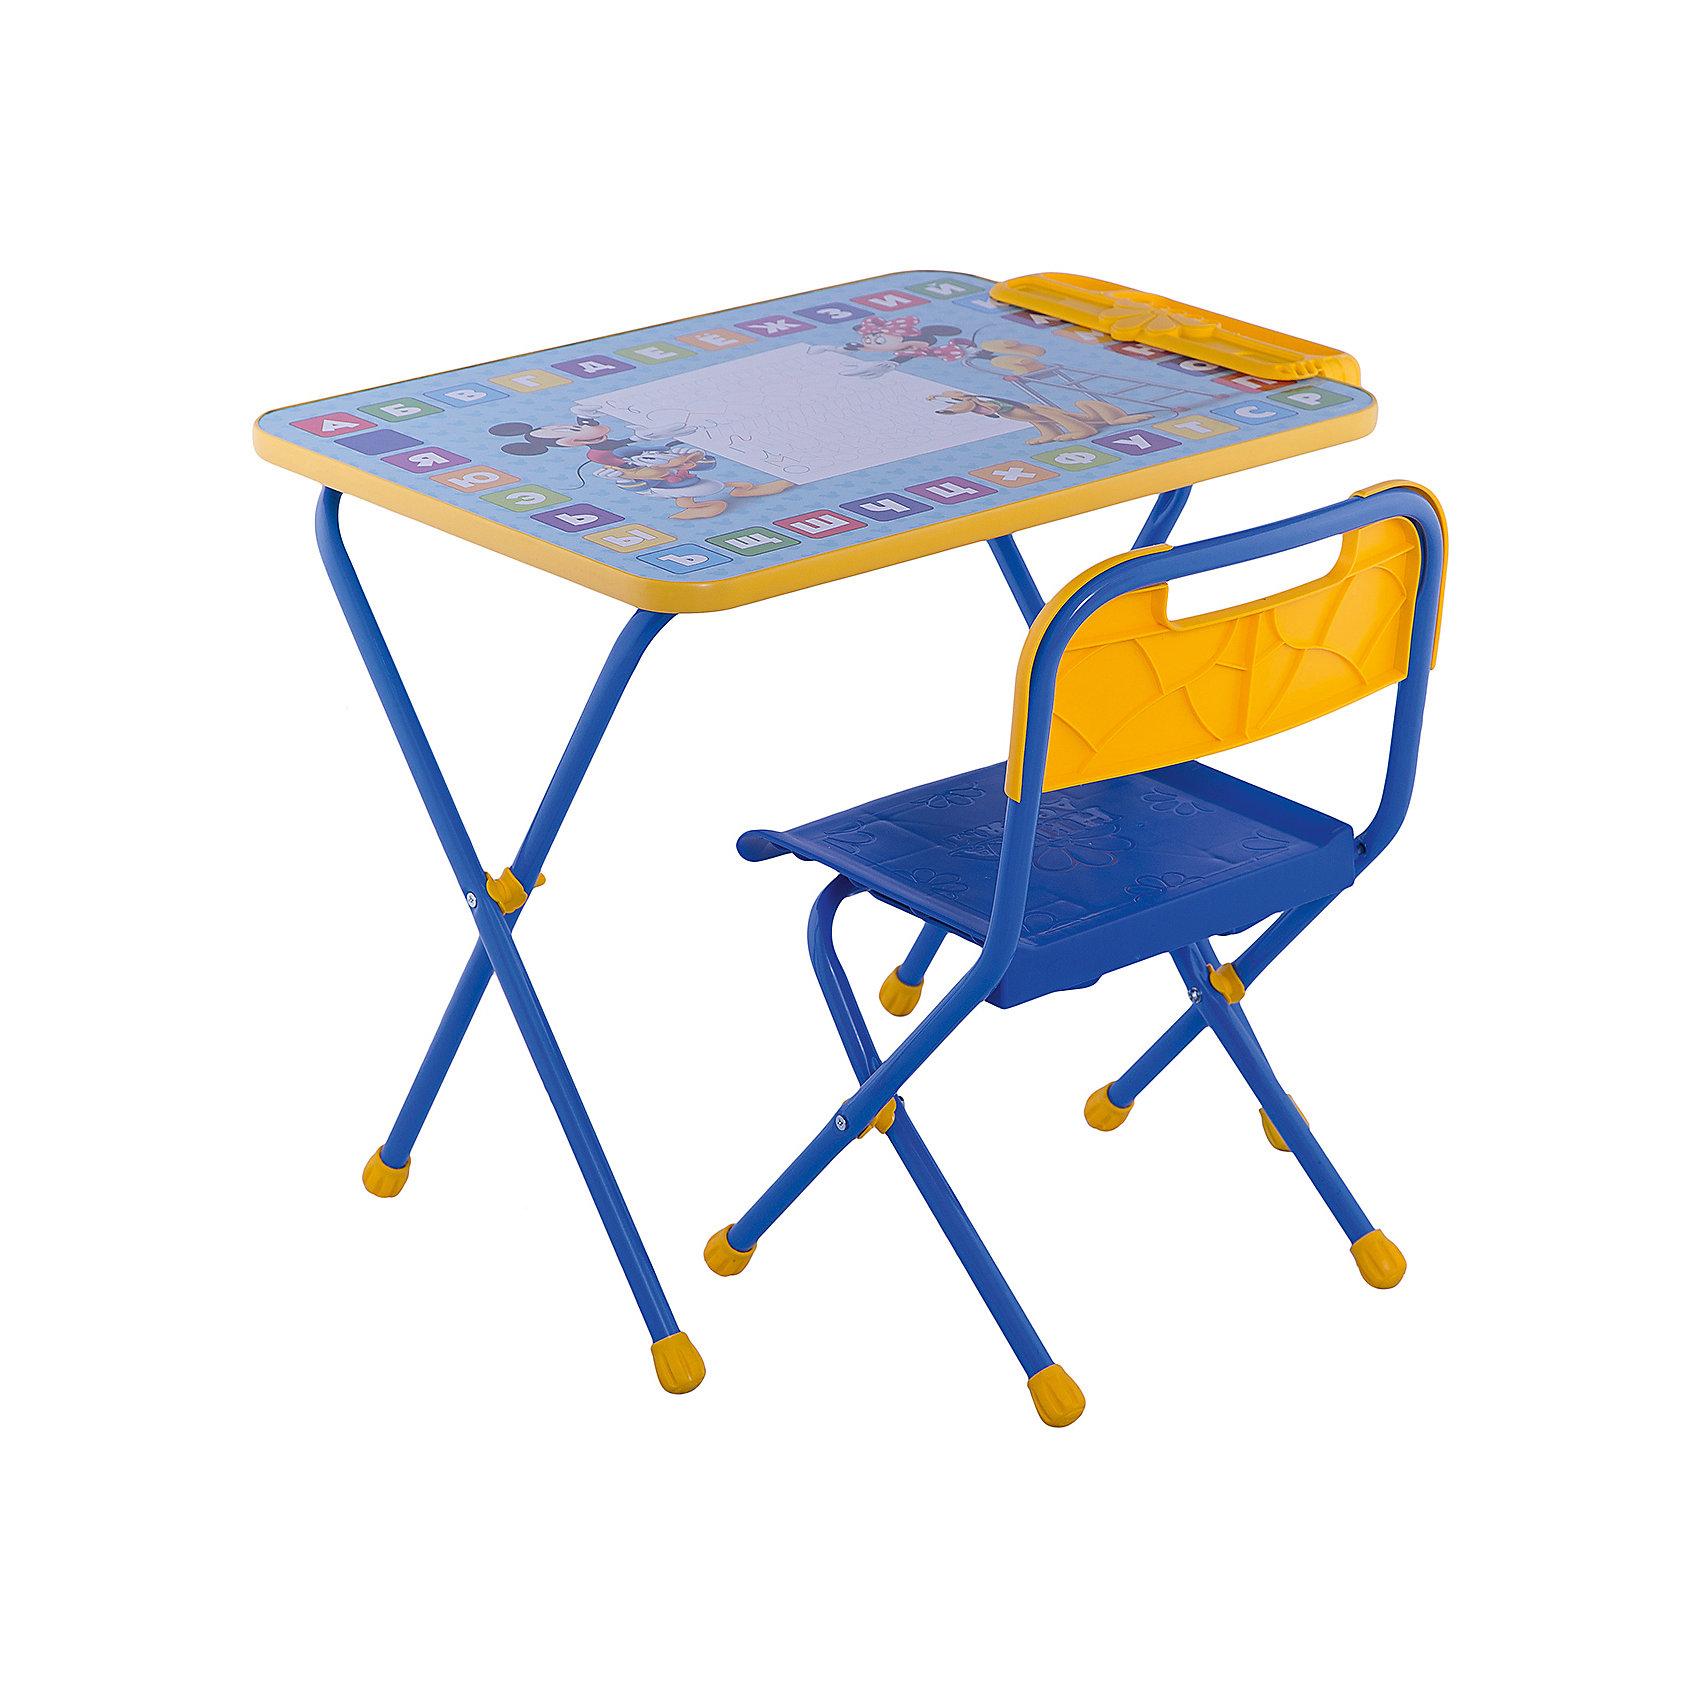 Набор мебели Д1М, Микки Маус и его друзья, НикаМикки Маус и его друзья<br>Симпатичный комфортный набор детской мебели Микки Маус и его друзья идеально подойдет для занятий, игр и творчества детей 3 -7 лет. В набор входят стол и стул с металлическим каркасом и пластиковым сиденьем, оформленные по мотивам популярных диснеевских мультфильмов. Пластиковая столешница облицована пленкой, на которой изображены красочные буквы русского алфавита и забавные персонажи мультфильмов о Микки-Маусе. На край стола крепится пенал для хранения письменных принадлежностей. Мебель удобна и безопасна для ребенка, углы стола и стула мягко закруглены. Ножки снабжены наконечниками, предотвращающими скольжение. Сиденье стульчика можно мыть. Стул и стол легко складываются и не занимают много места при хранении. Набор рассчитан на рост 115-130 см.<br><br>Дополнительная информация:<br><br>- В комплекте: складной стол, пенал, мягкий складной стул.<br>- Материал: пластик, металл.<br>- Размер стула: высота до сиденья - 30 см., высота стула со спинкой: 54 см., сиденье - 25 х 28 см.<br>- Размер стола: 60 х 45 х 50 см.<br>- Вес: 8,2 кг.<br><br>Набор детской мебели Микки Маус и его друзья (стол, стул, пенал), Ника, можно купить в нашем интернет-магазине.<br><br>Ширина мм: 8200<br>Глубина мм: 8200<br>Высота мм: 60<br>Вес г: 8200<br>Возраст от месяцев: 36<br>Возраст до месяцев: 96<br>Пол: Унисекс<br>Возраст: Детский<br>SKU: 4652026